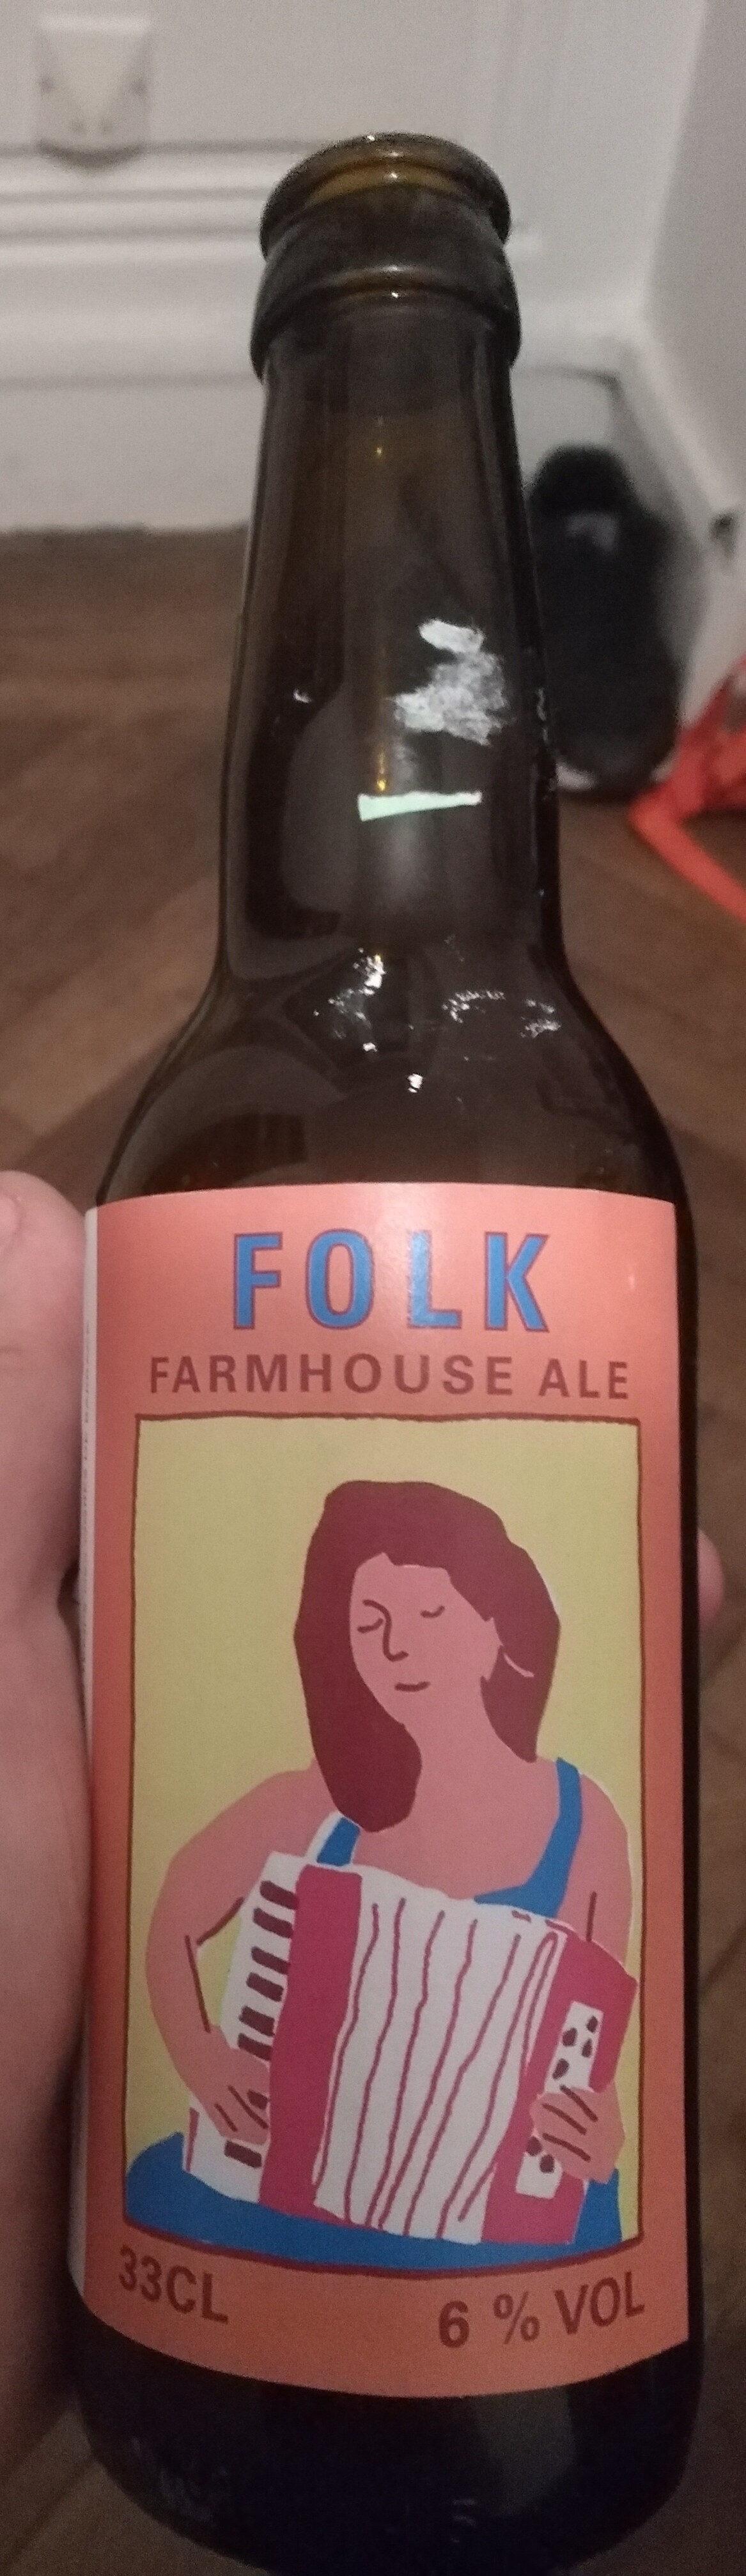 Folk - Farmhouse Ale - Product - fr